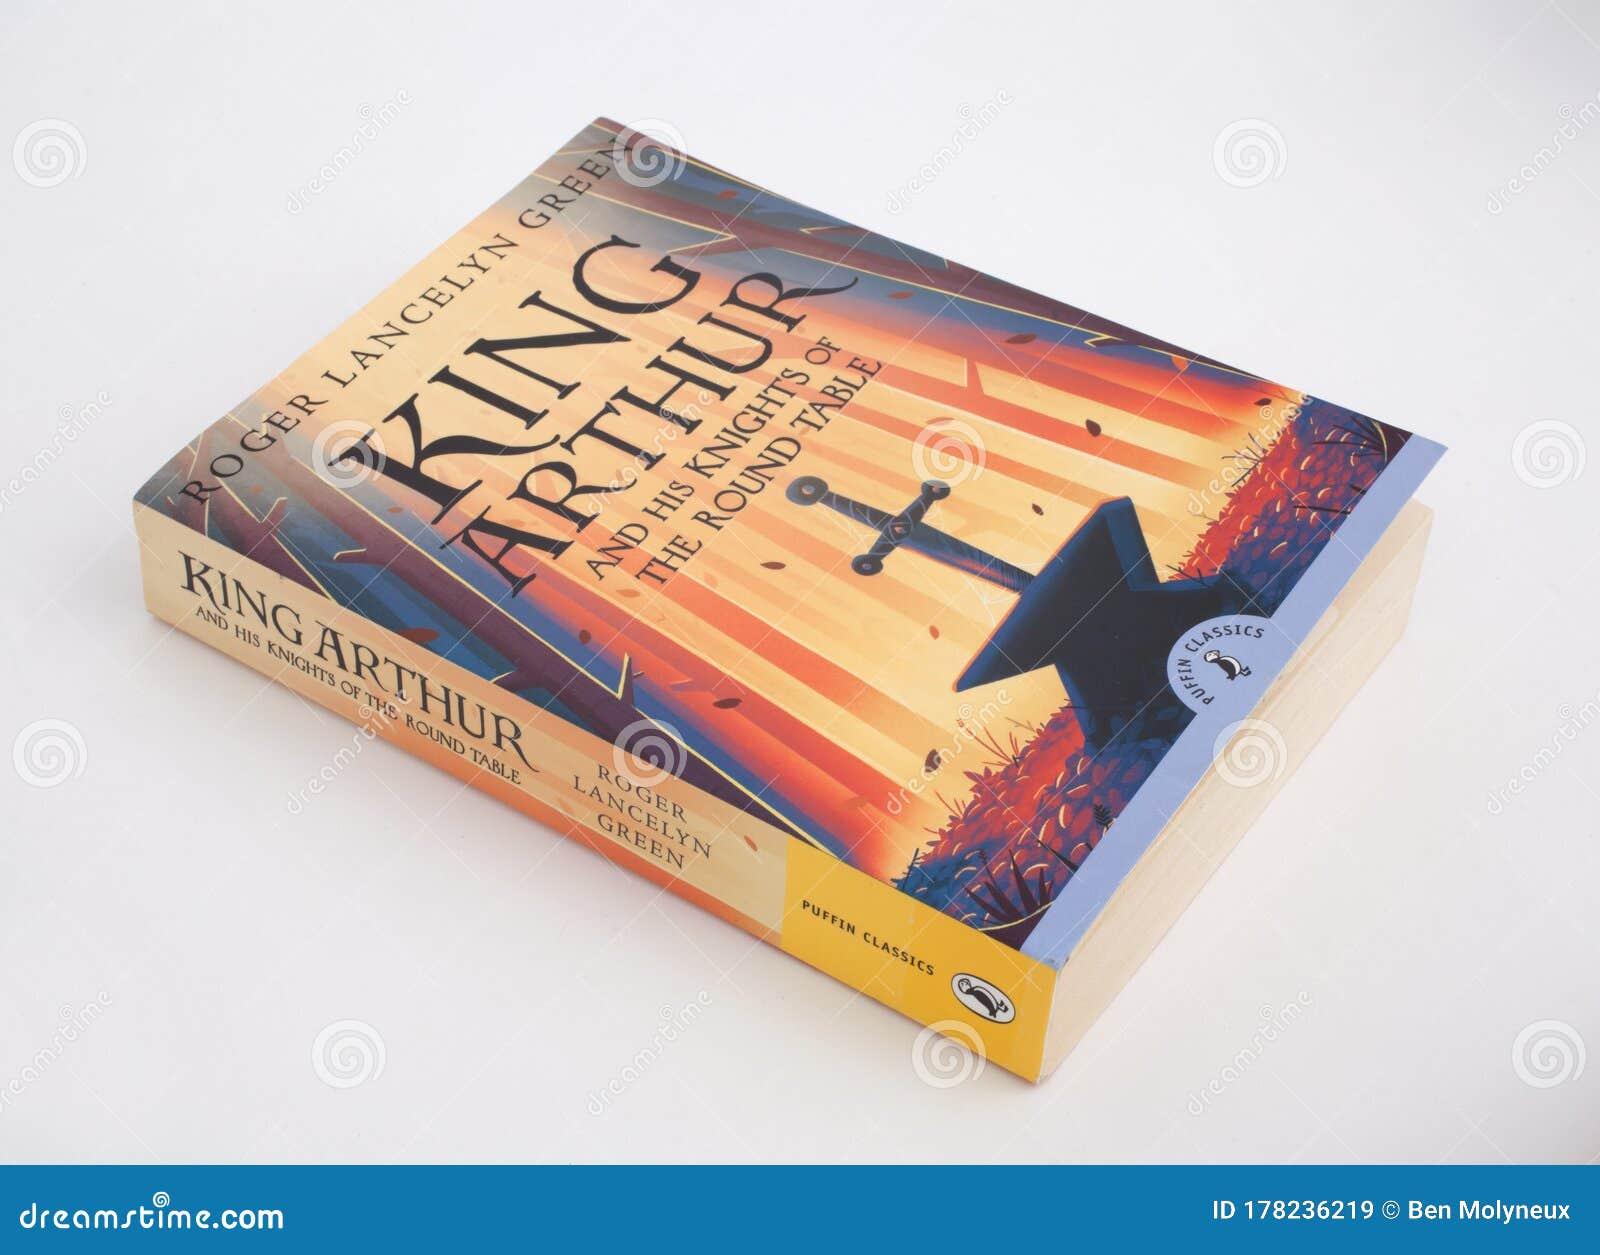 El Clásico Libro King Arthur Y Los Caballeros De La Mesa Redonda De Roger Lancelyn Green Imagen De Archivo Editorial Imagen De Mesa Arthur 178236219